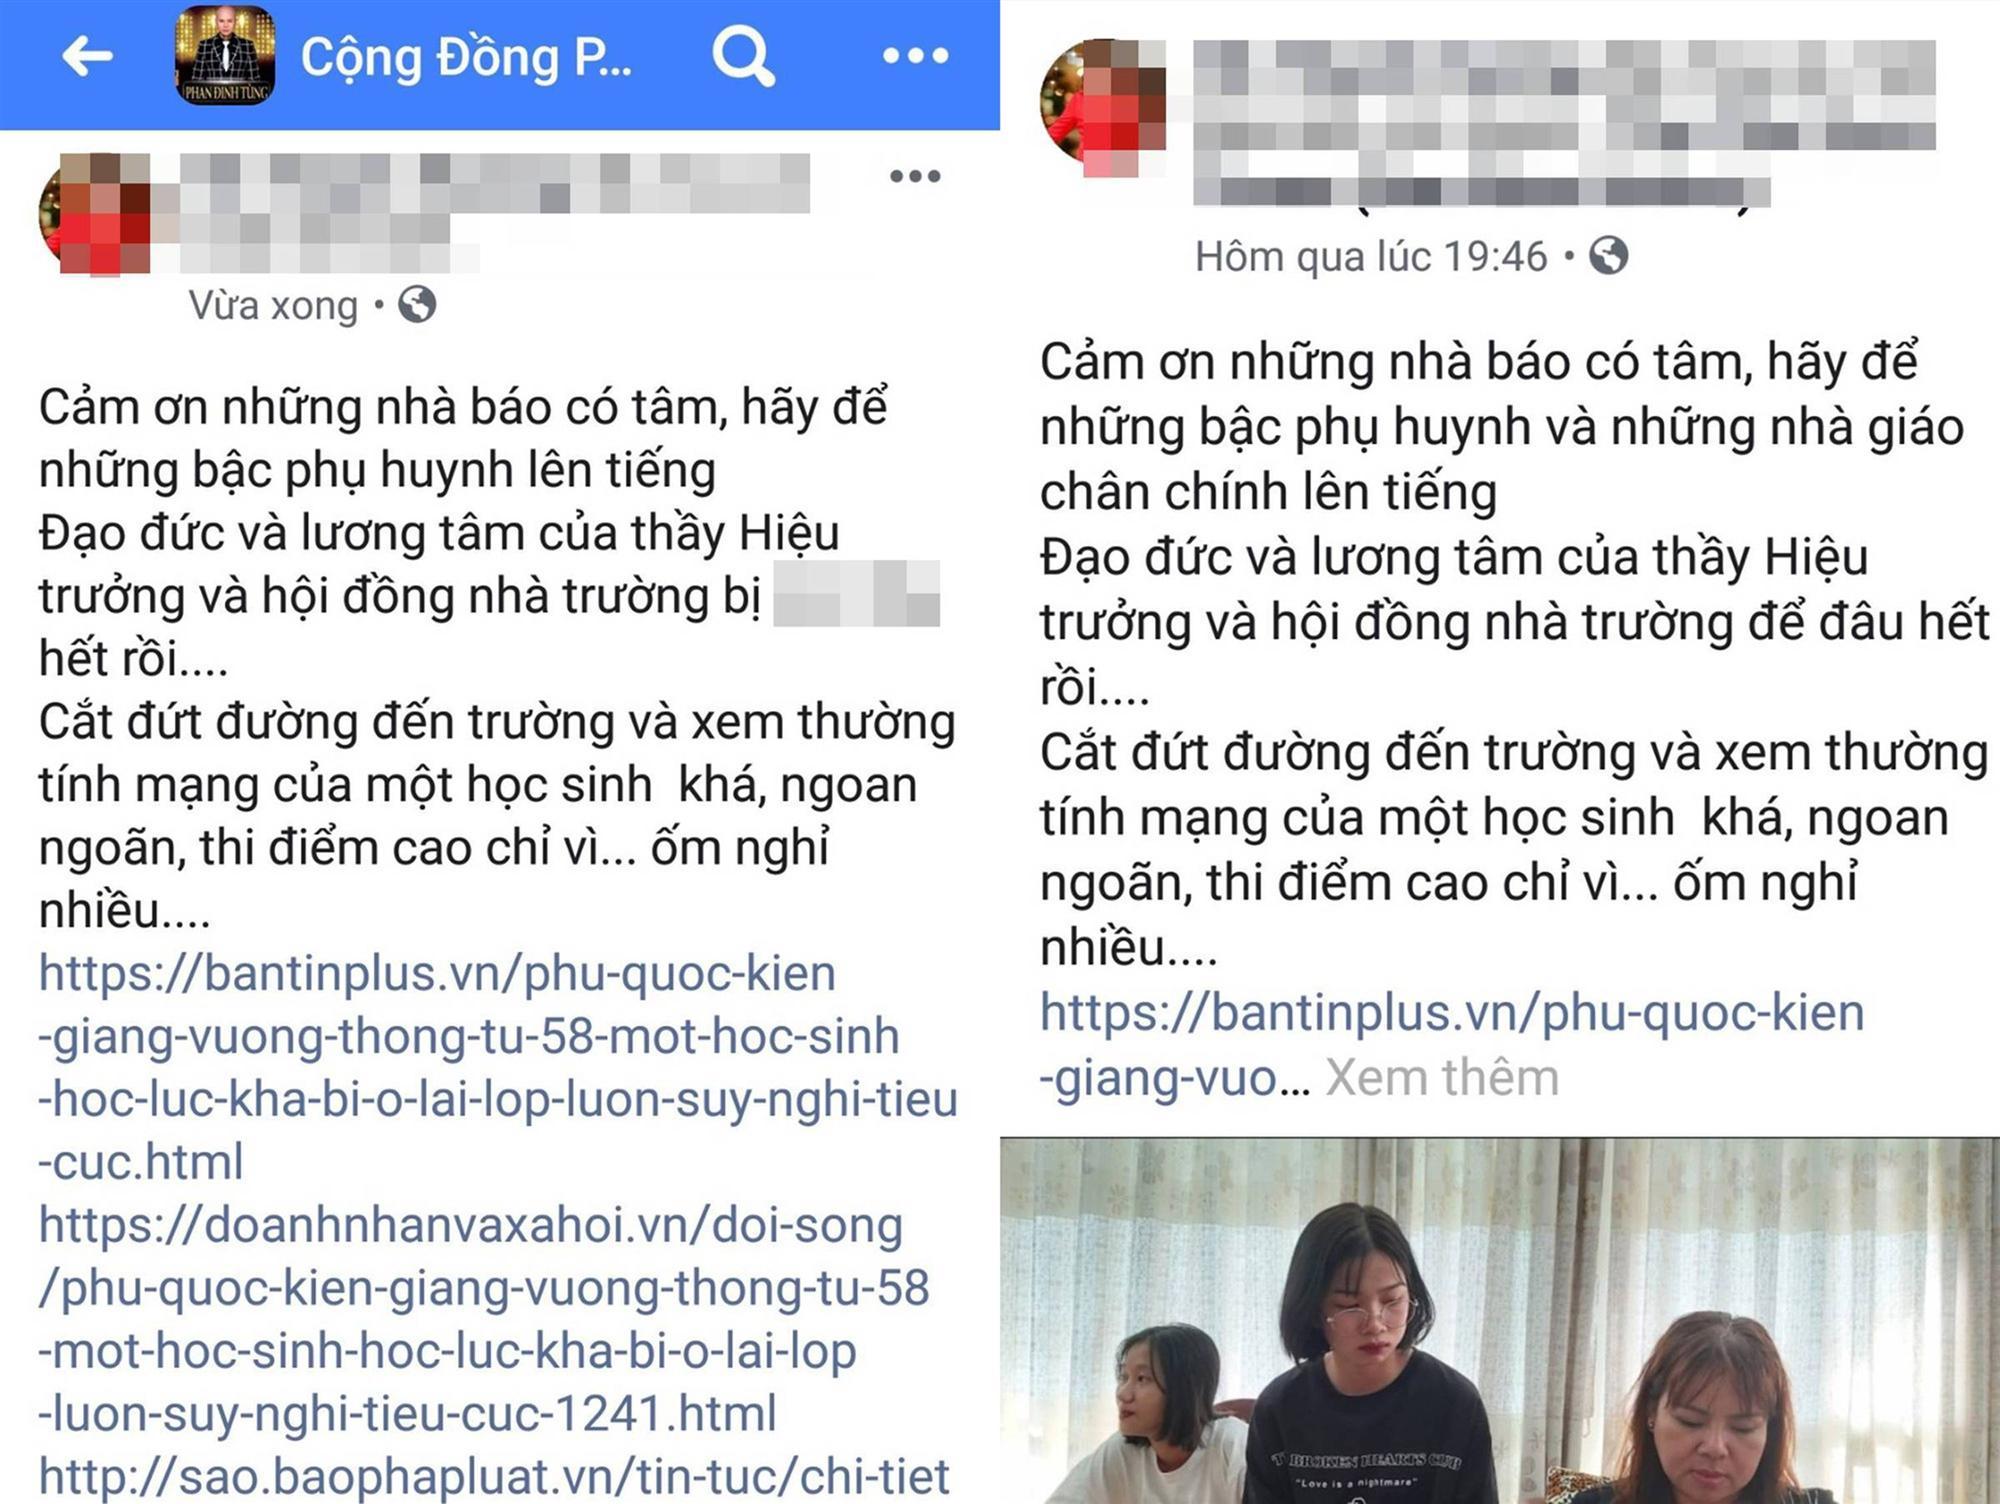 Xúc phạm hiệu trưởng vì con gái lưu ban, nữ doanh nhân sẽ xin lỗi sau chuyến từ thiện ở Côn Đảo-1